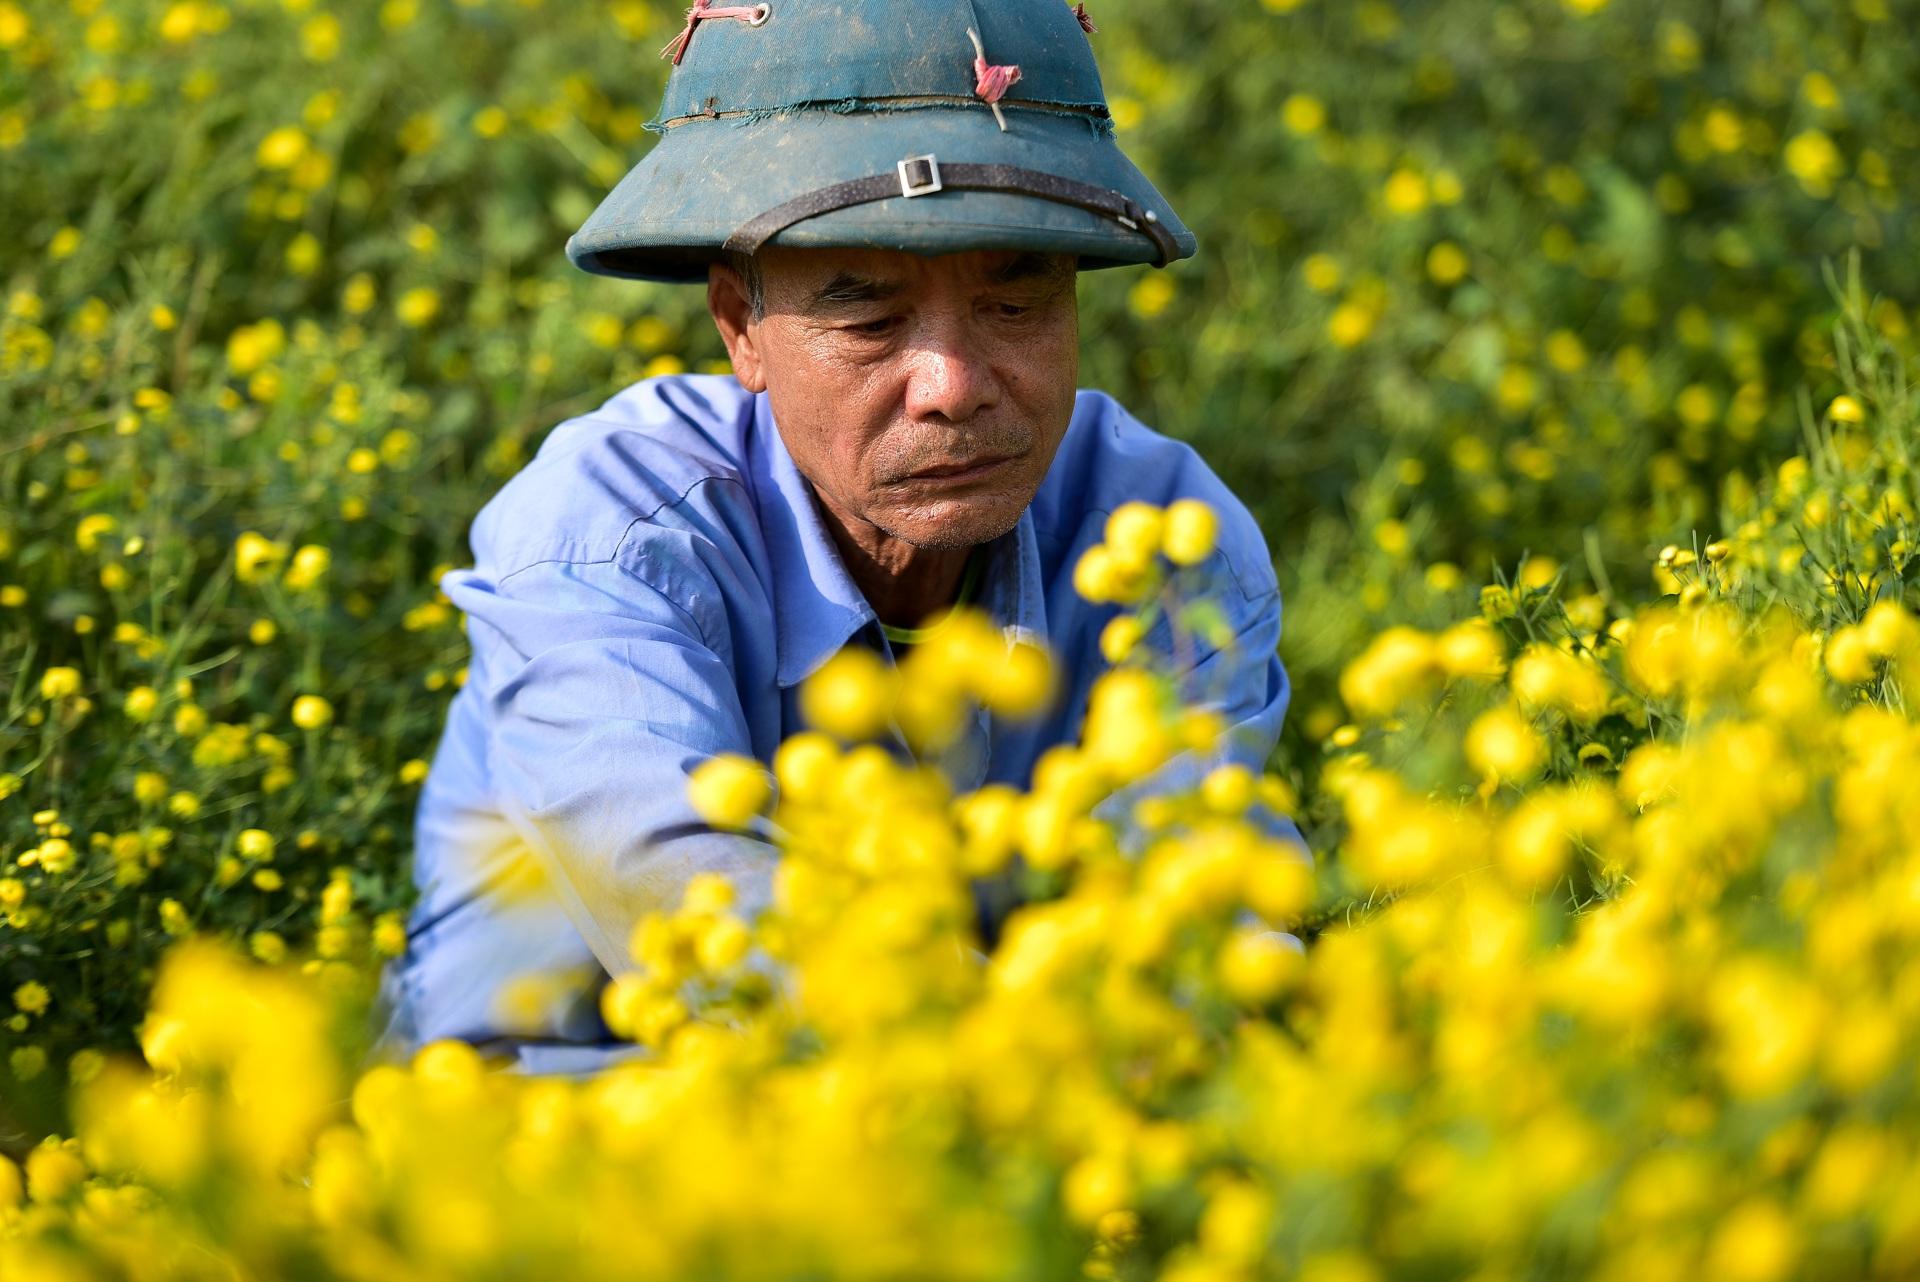 Ngắm cánh đồng cúc tiến vua vàng ruộm mộng mơ tại Nghĩa Trai, Hưng Yên - 15